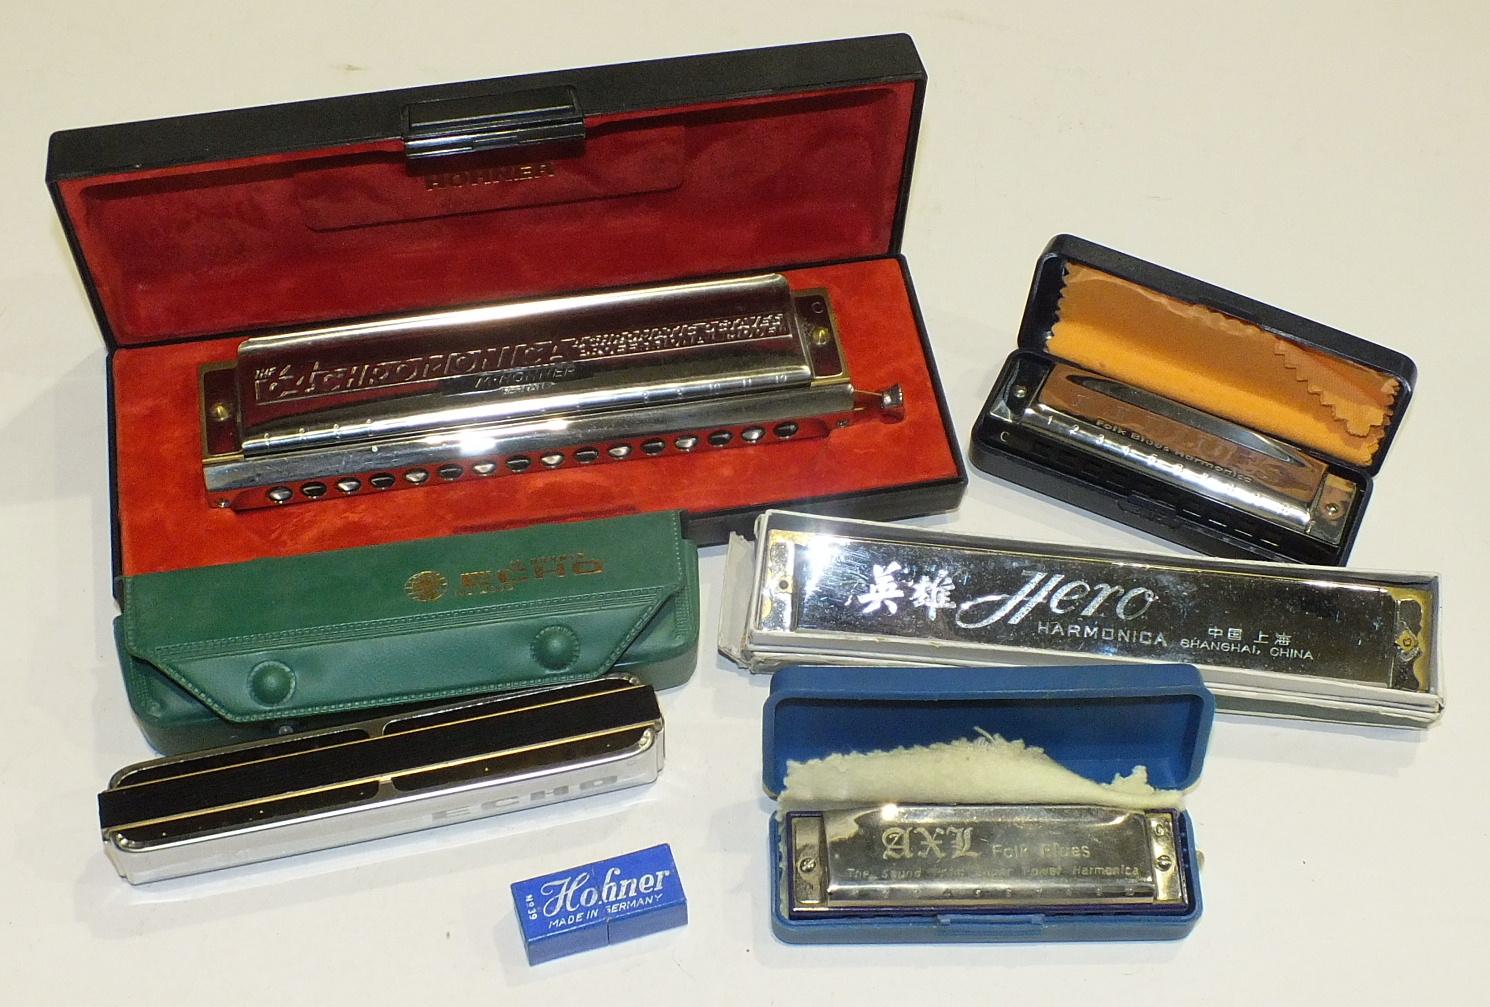 Lot 227 - A collection of six harmonicas, including a Hohner Chromonica 280C, a Hohner Echo no.2309, a